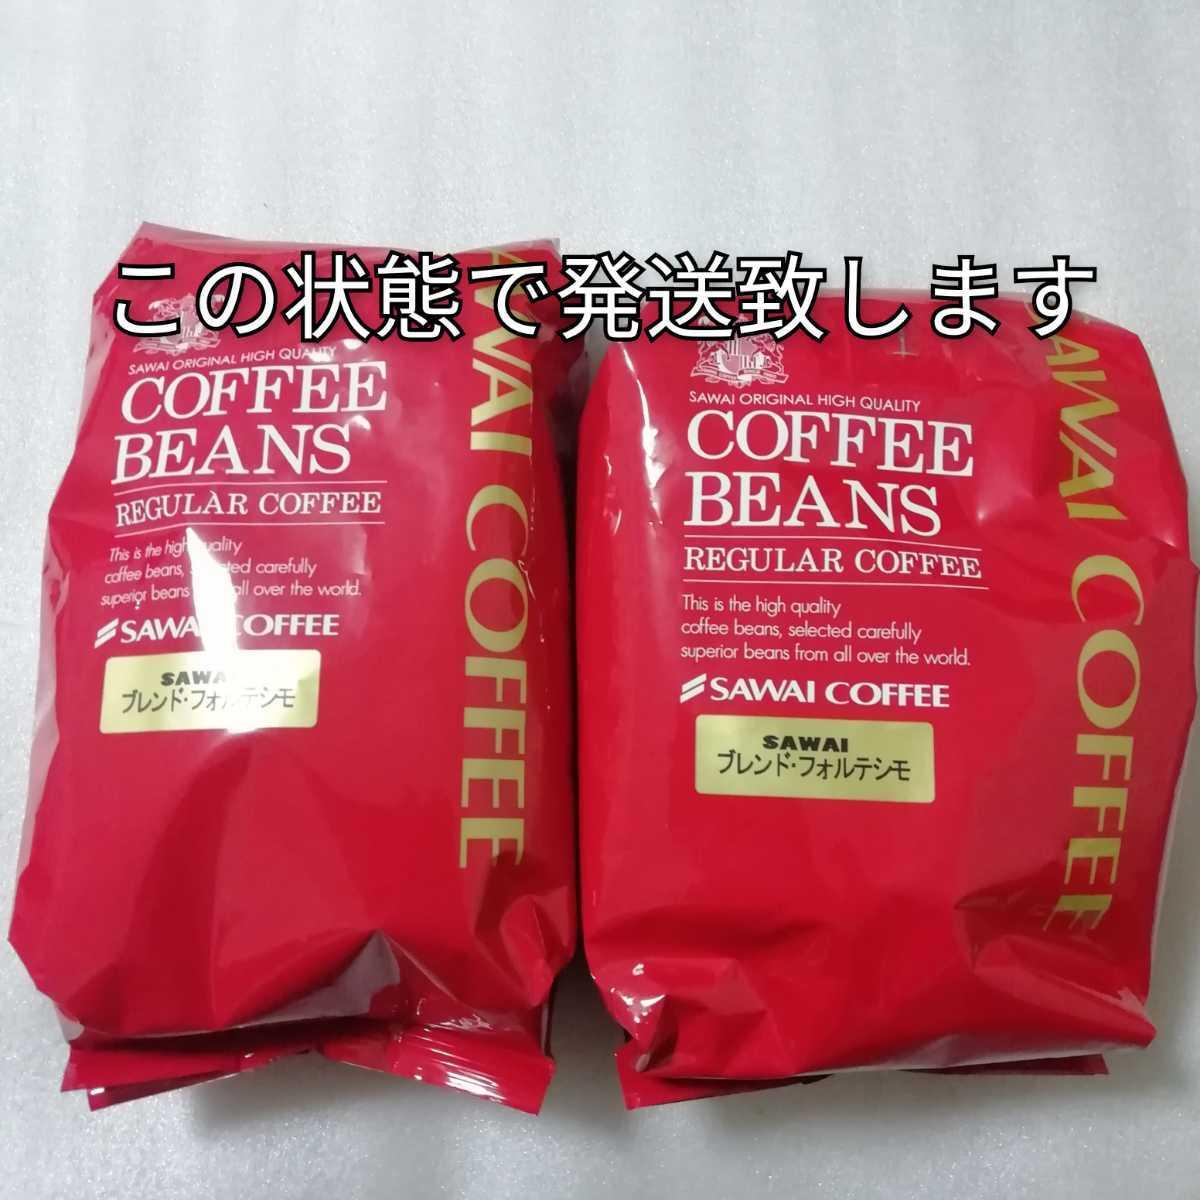 豆のまま ブレンドフォルテシモ 2袋 1kg 1袋500g 澤井珈琲 レギュラーコーヒー 豆の状態 豆 コーヒー コーヒー豆_画像2